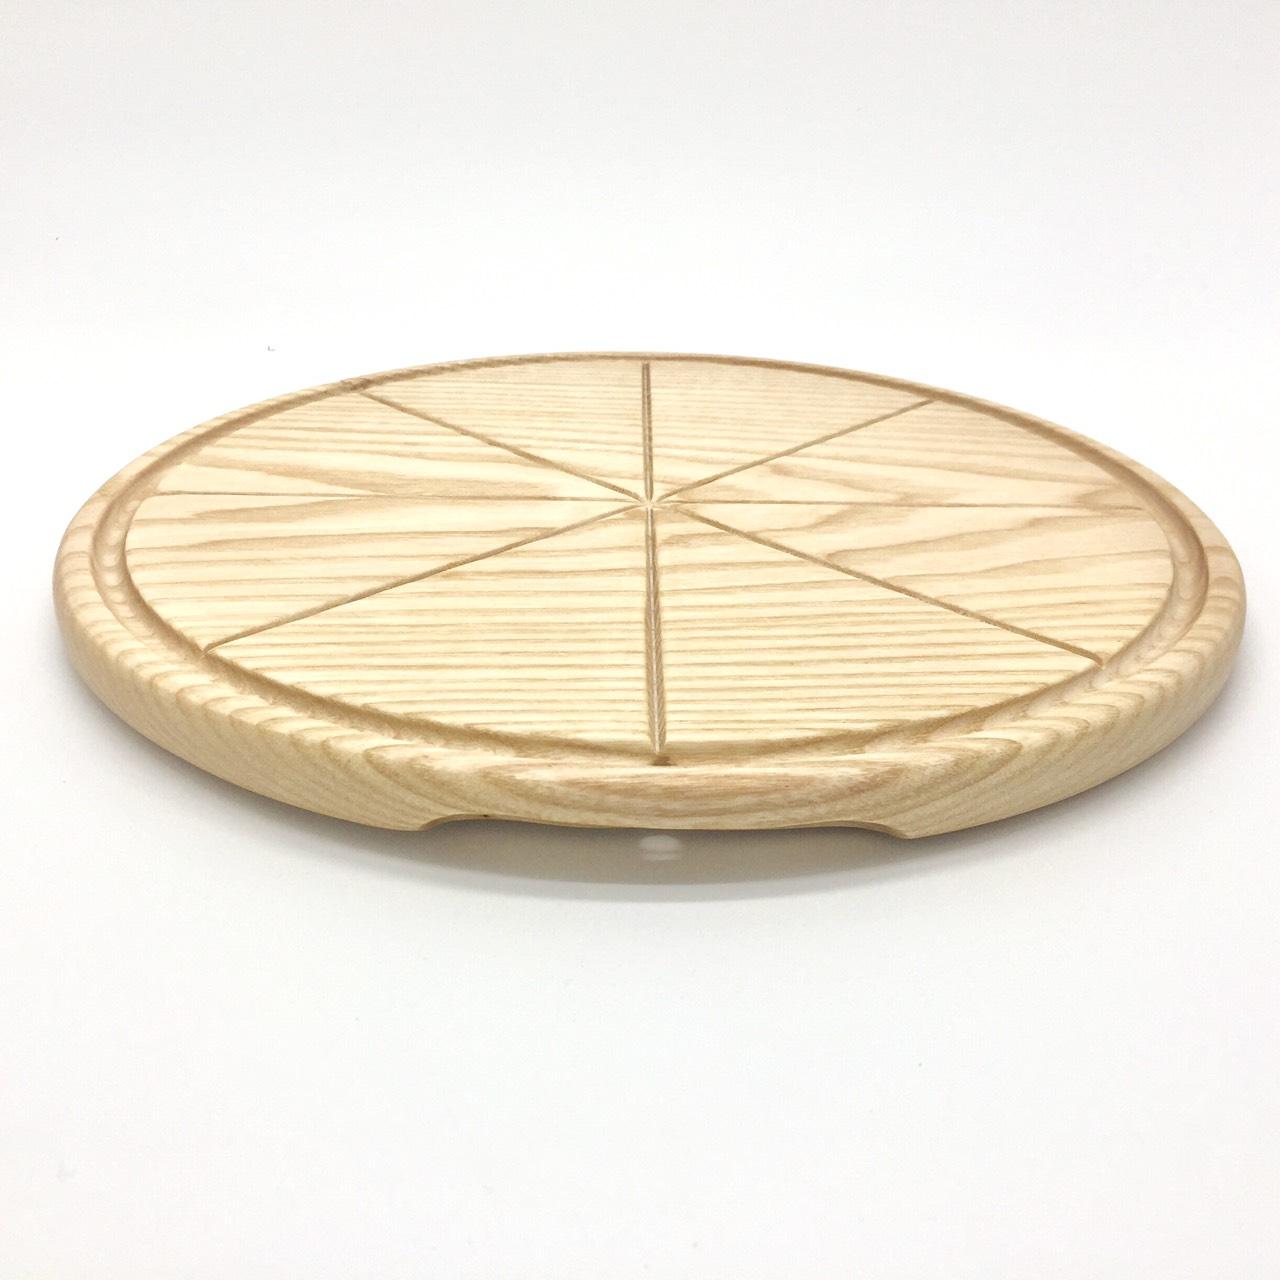 Khay tròn đựng pizza có khoét tay cầm hai bên, xẻ rãnh